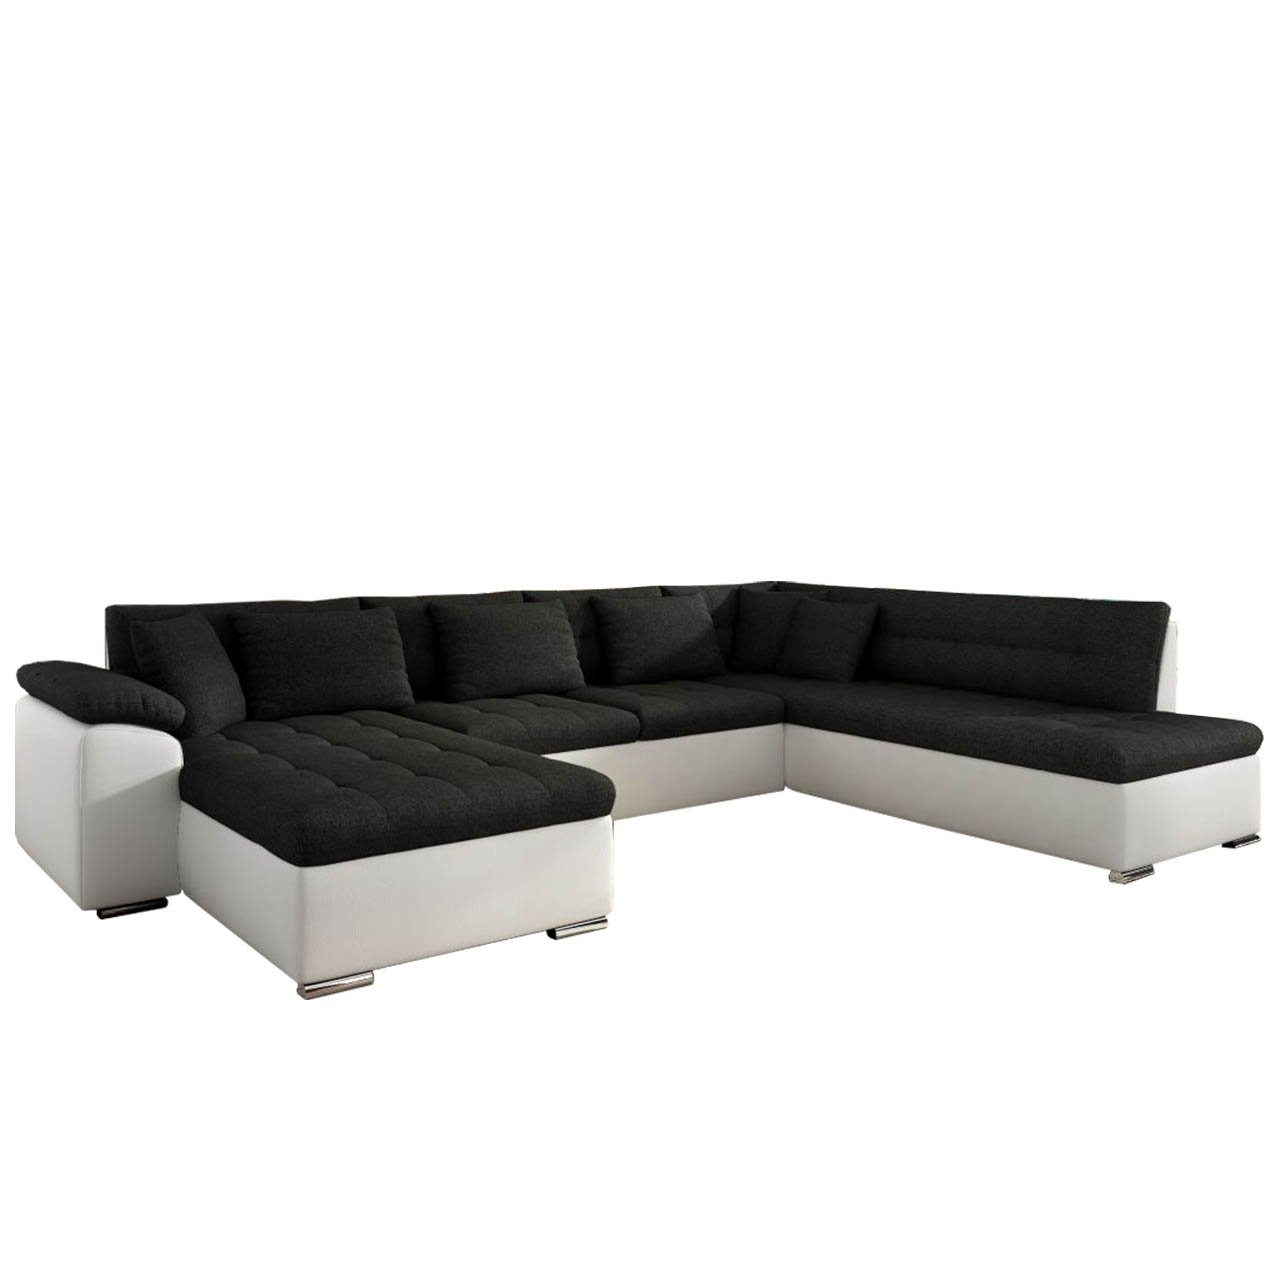 NIKO Wohnlandschaft mit Bettfunktion in U-Form Sofa mit Schlaffunktion